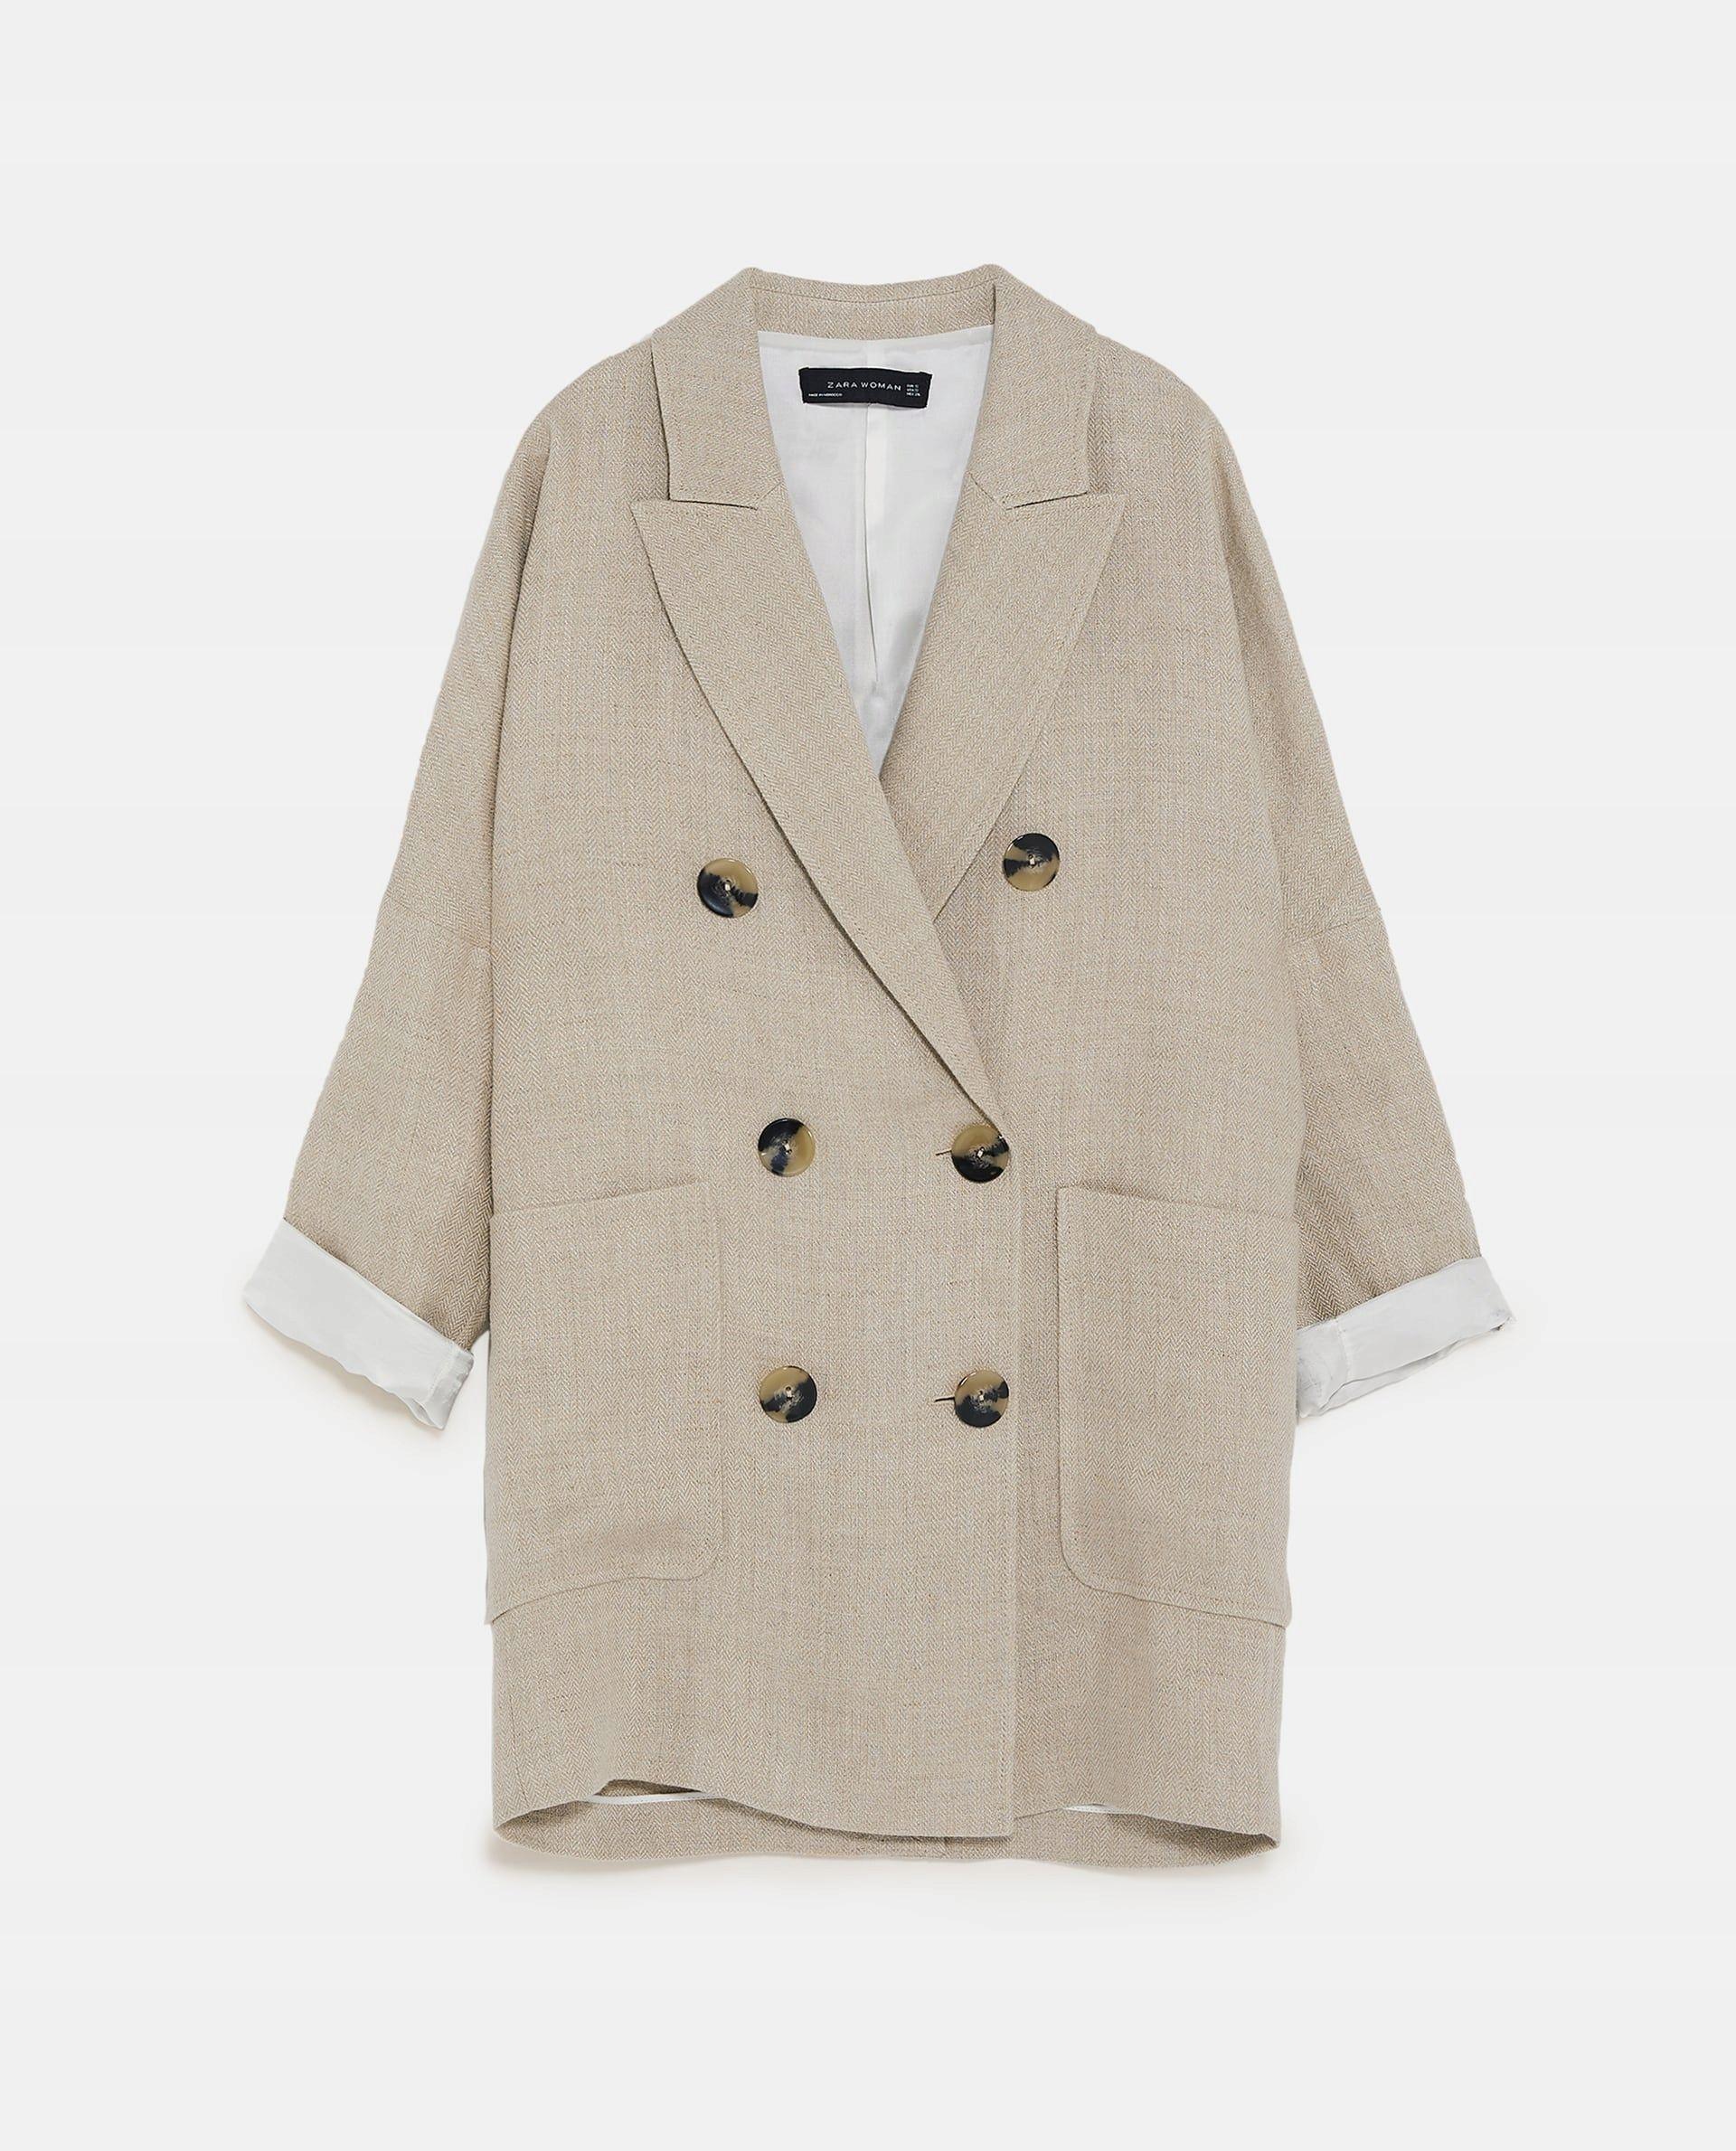 Lniana Marynarka Zara Xs Plaszcz 399 Zl 7469079161 Oficjalne Archiwum Allegro Coat Fashion Zara